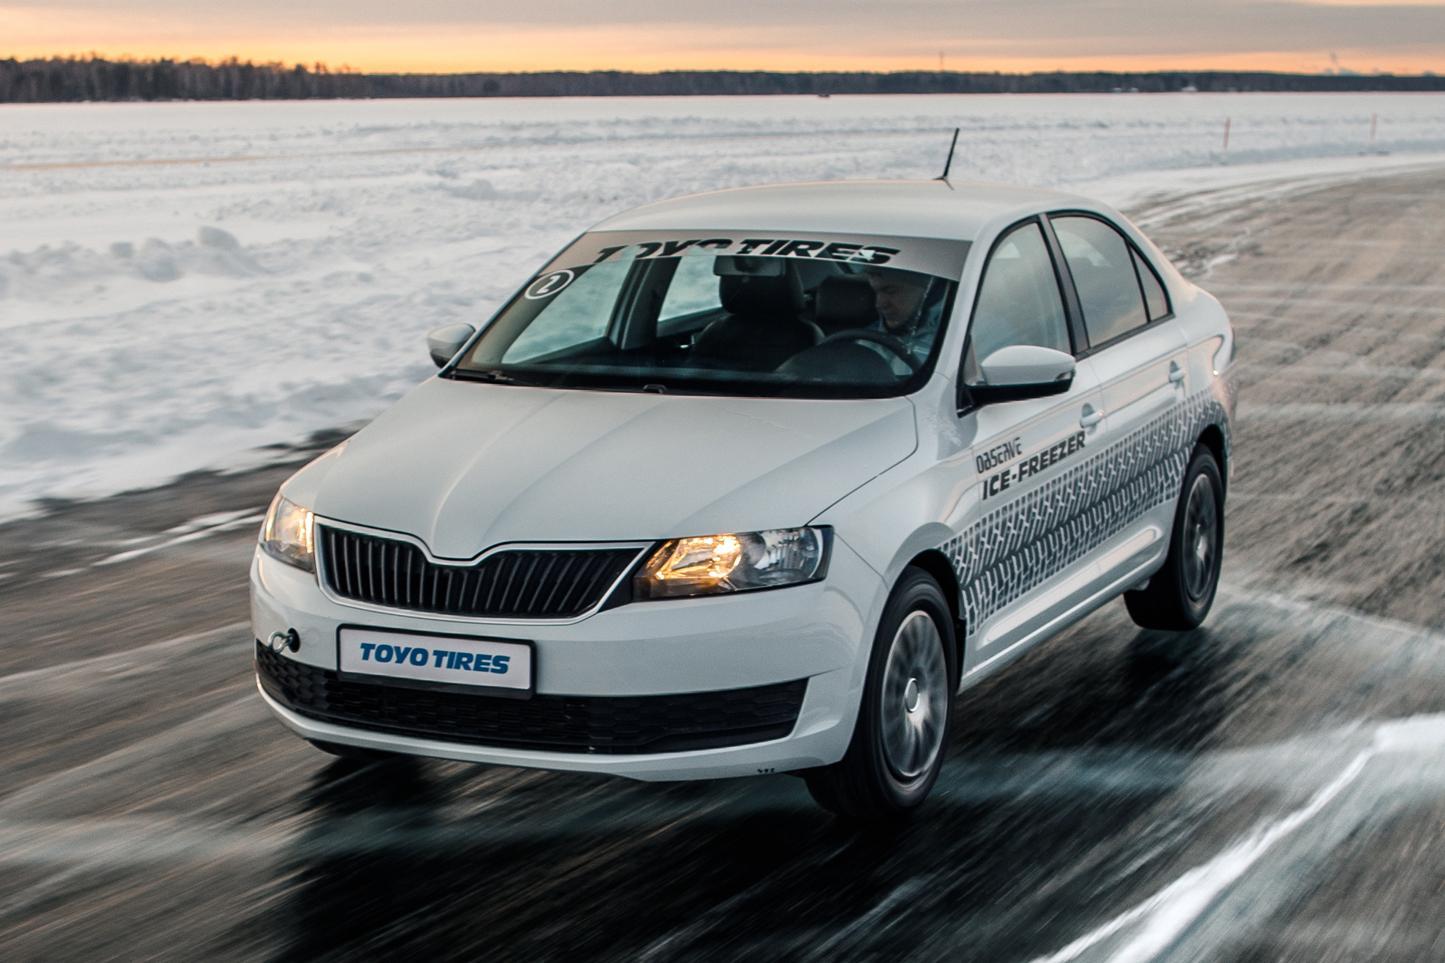 Новые шины Toyo Observe Ice-Freezer протестировали на льду озера Балтым